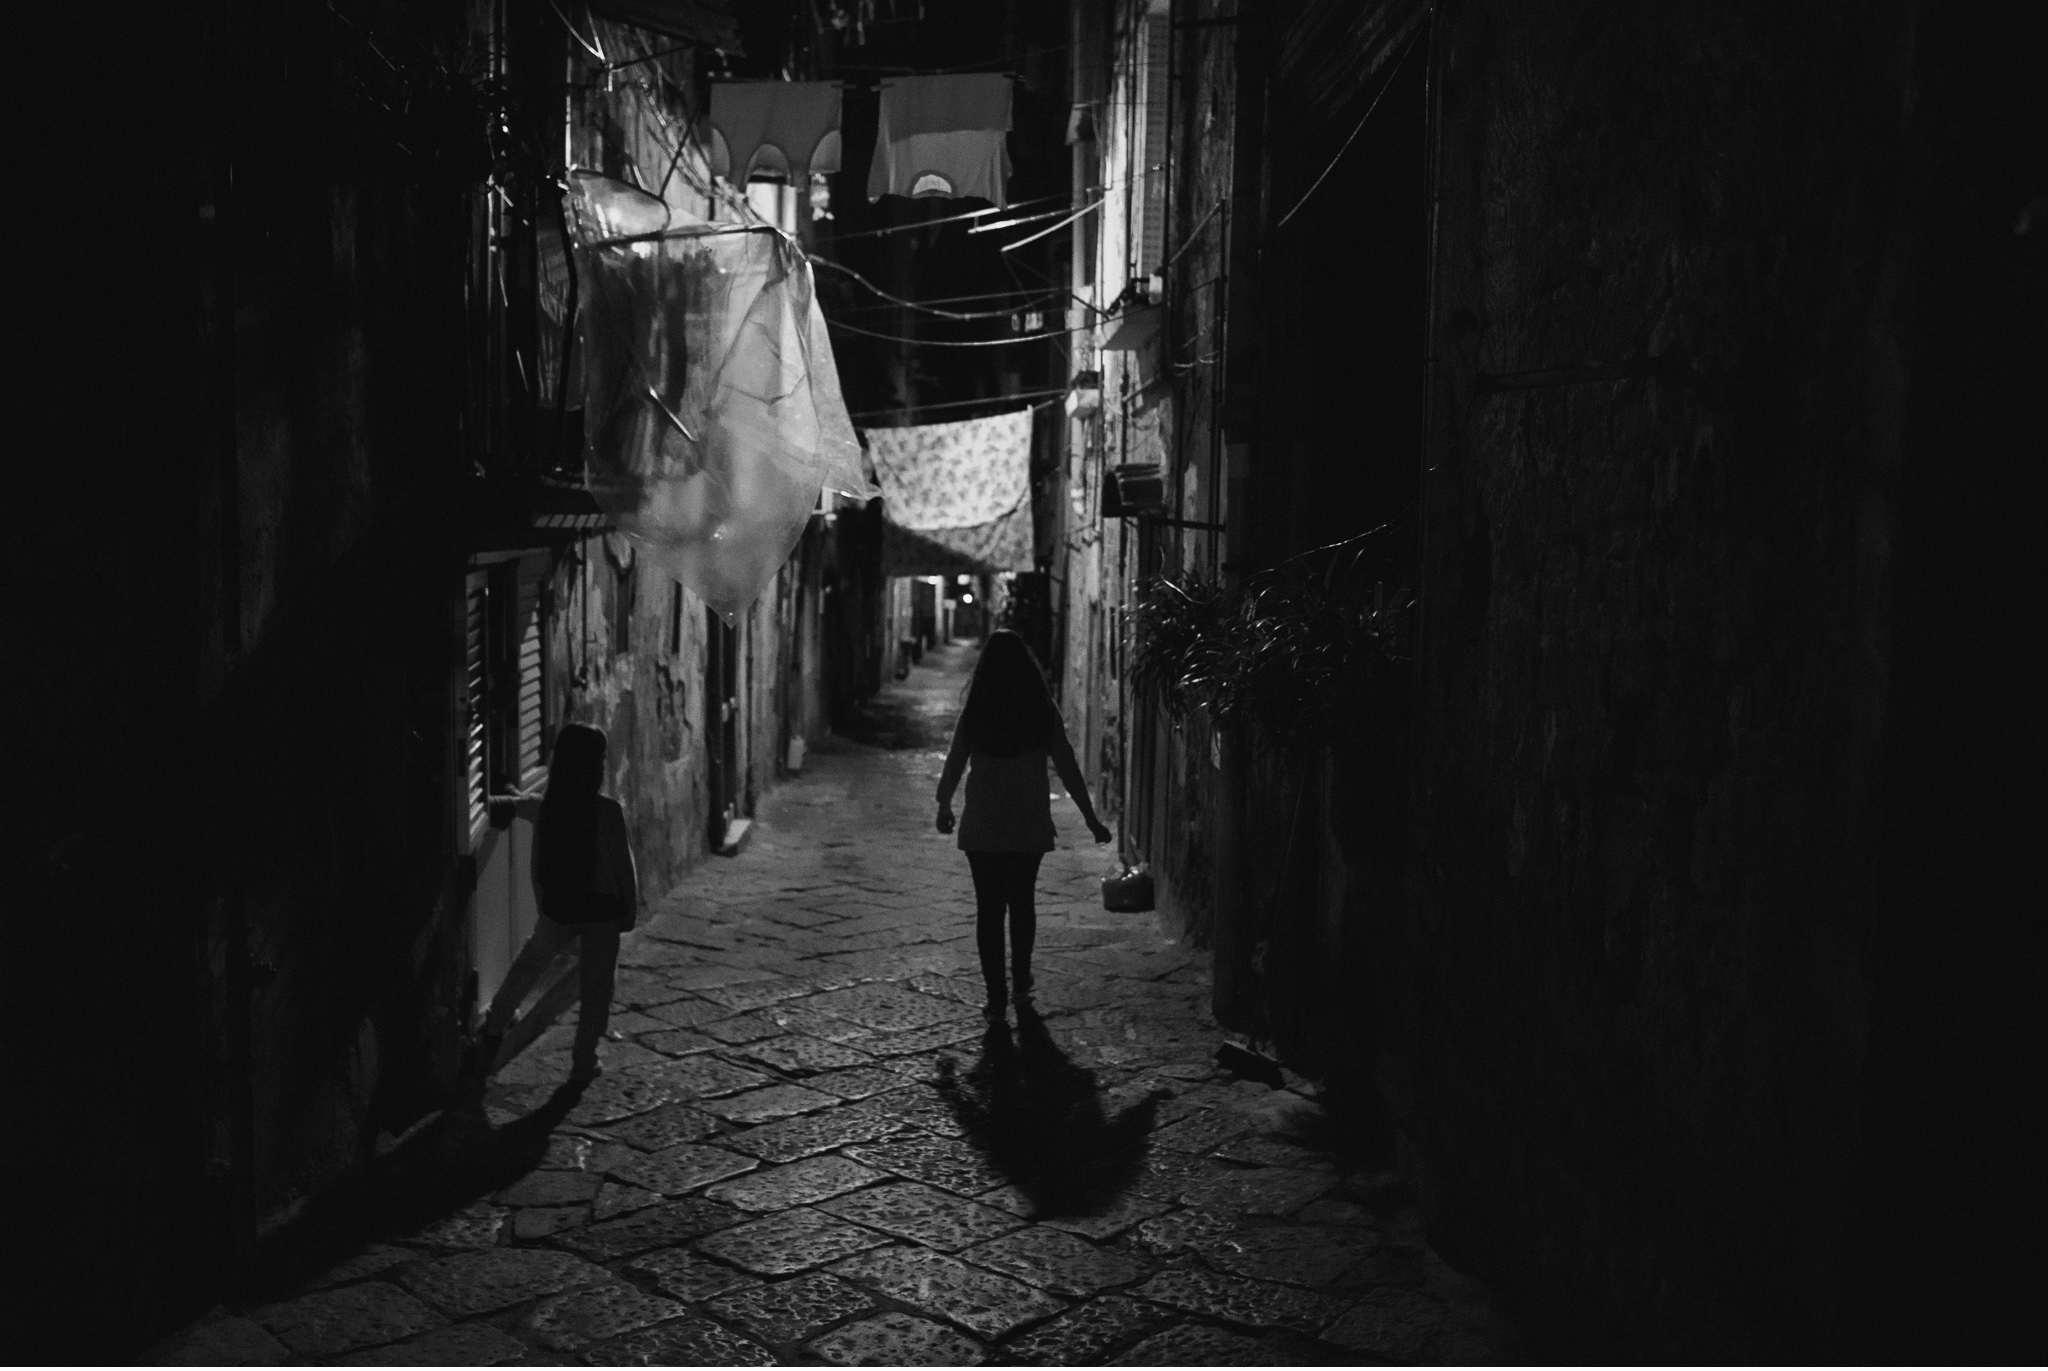 Interrail Reise - Italien Neapel - Geschichten von unterwegs - Foto Daniel Kempf-Seifried-17